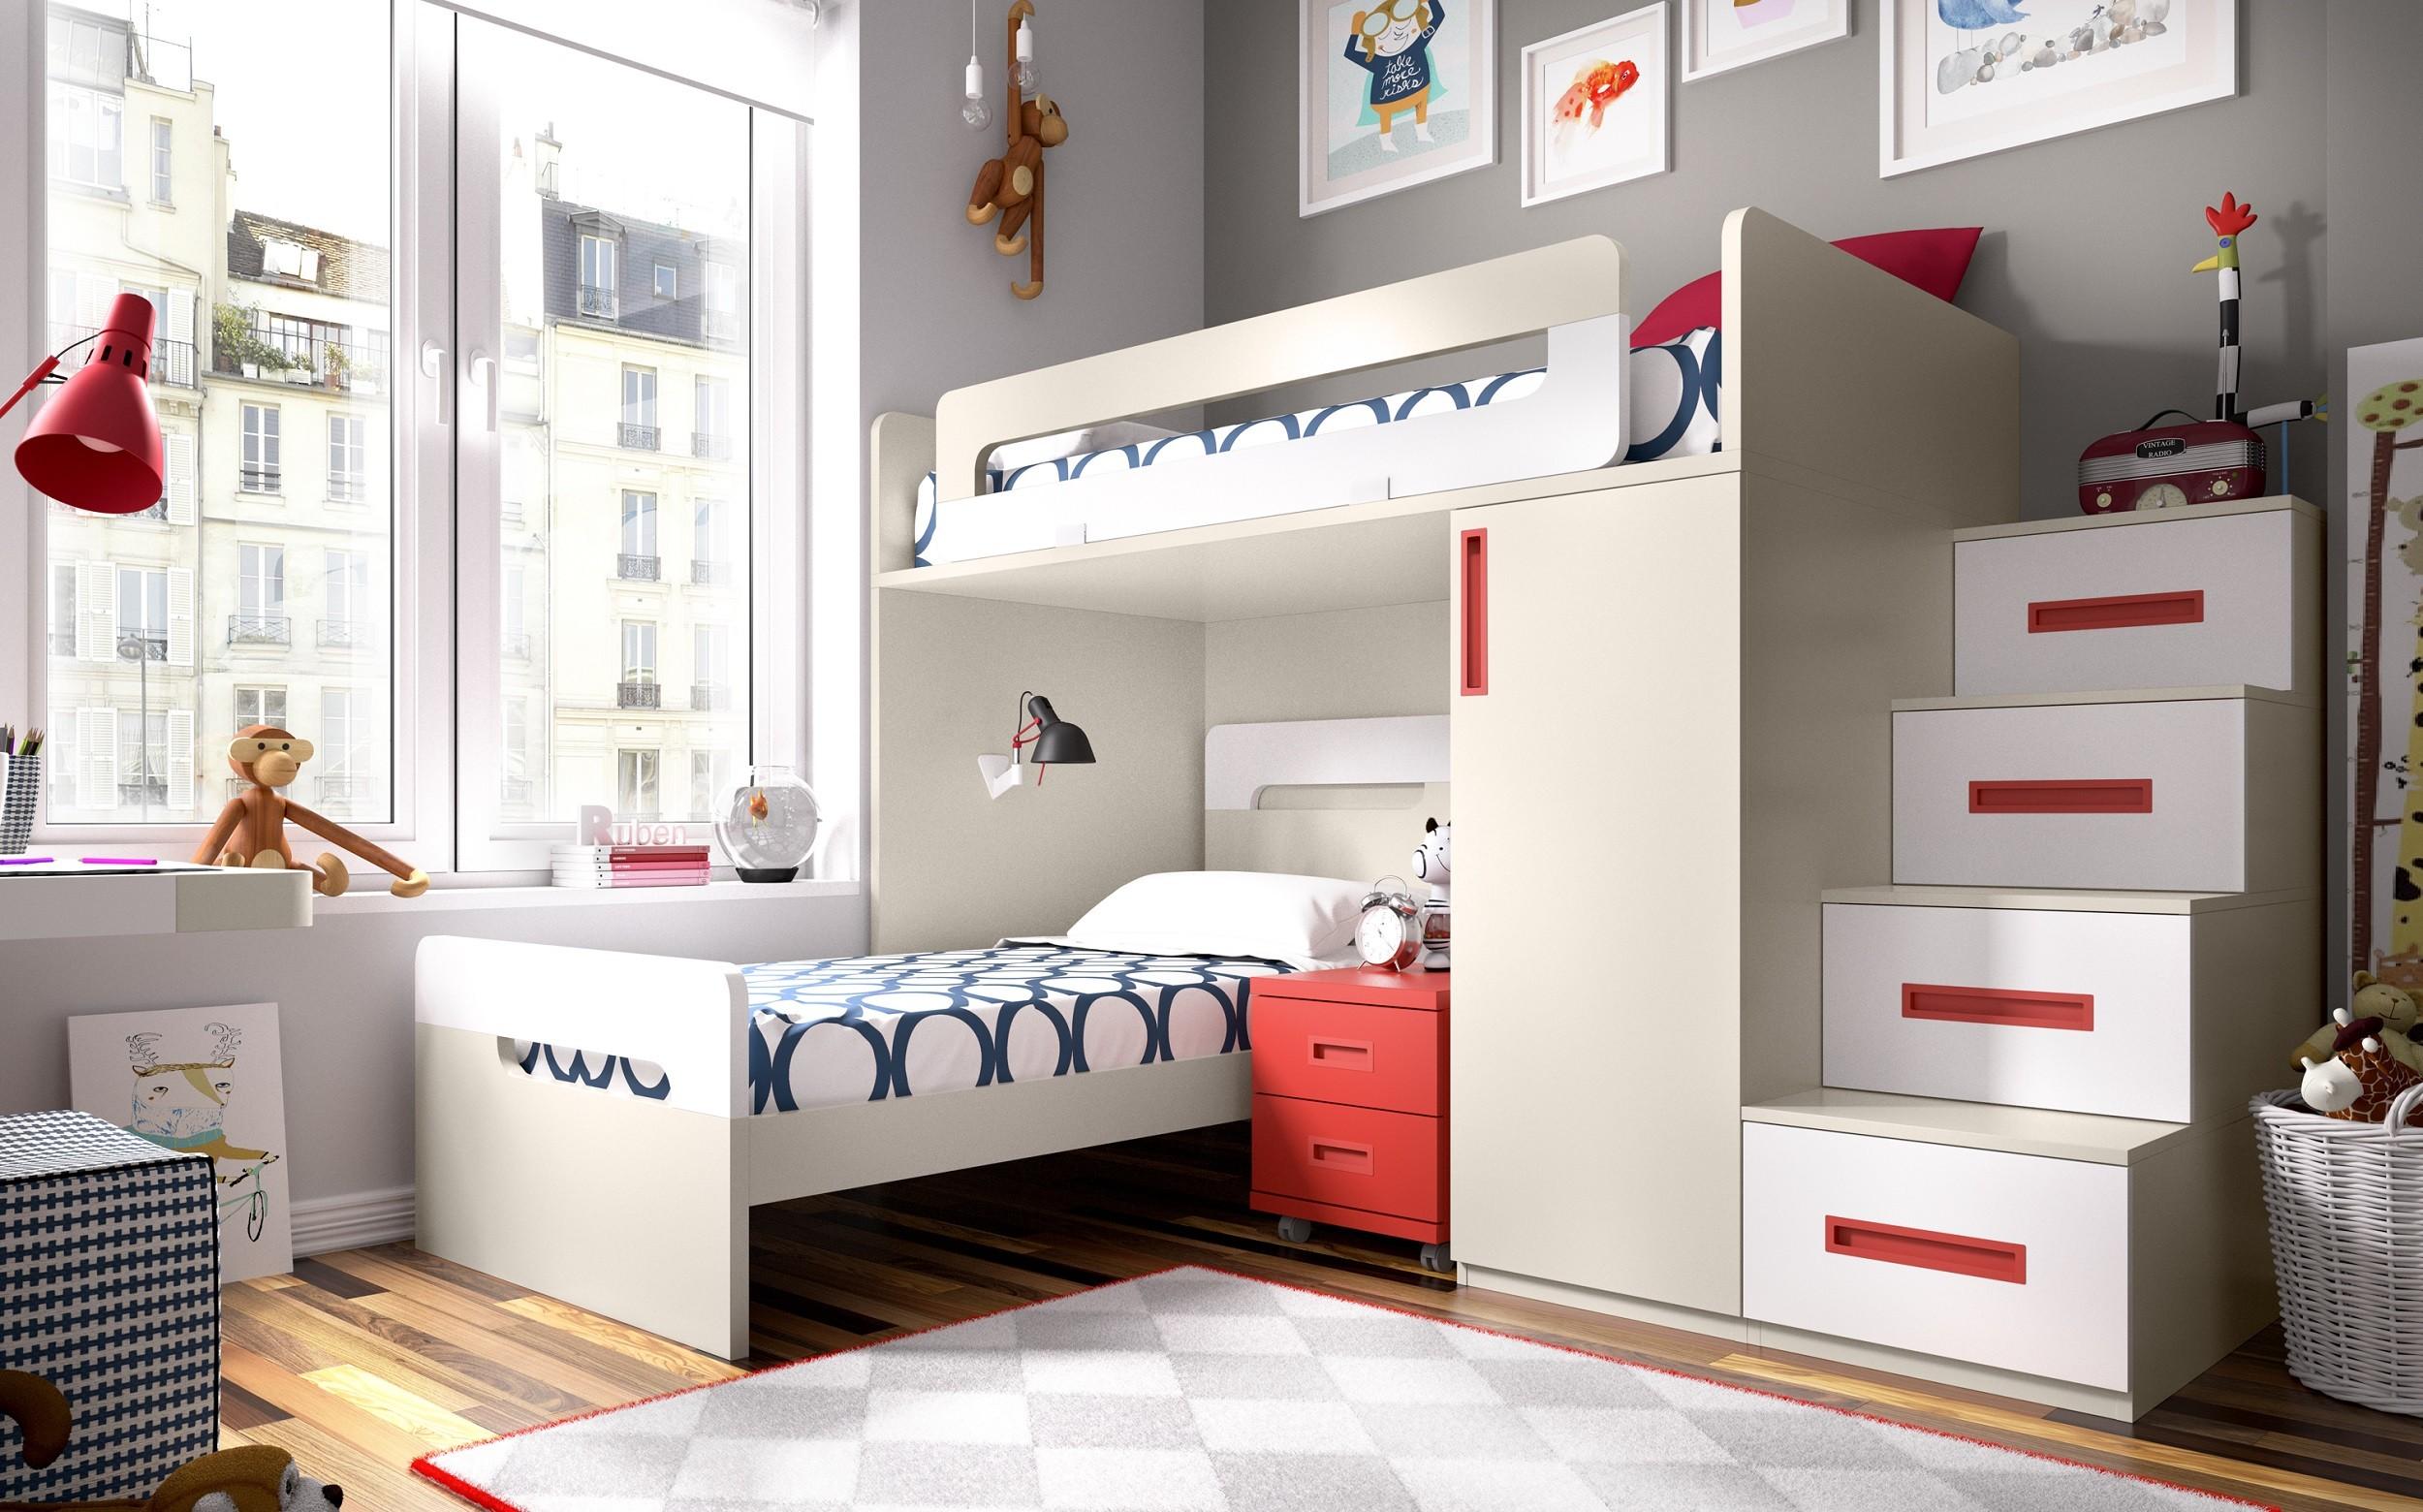 Full Size of Hochbett Kinderzimmer Jump 321 Und Jugendzimmer Sets Regal Weiß Regale Sofa Kinderzimmer Hochbett Kinderzimmer